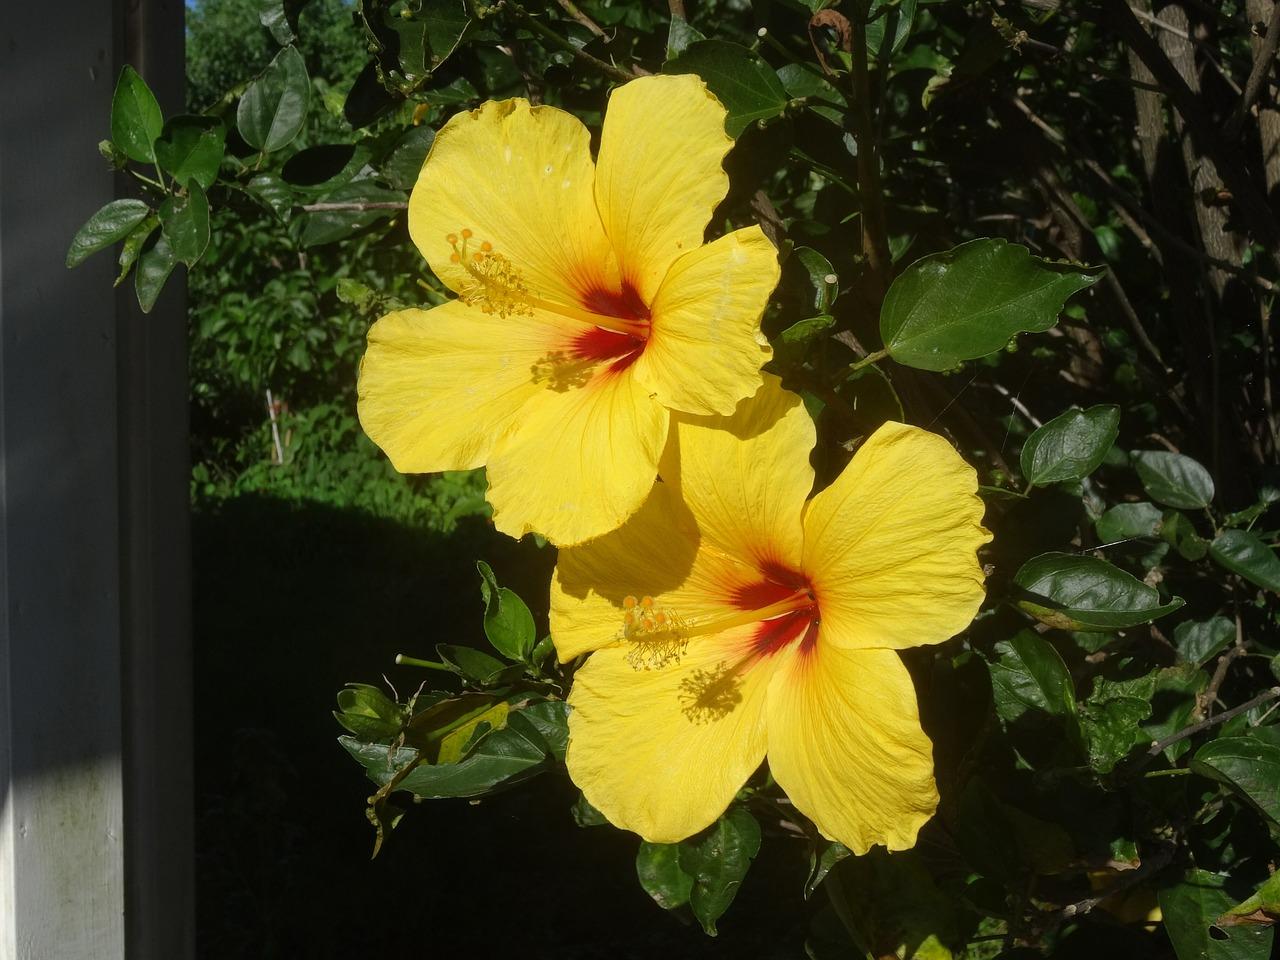 Hibiscusflowershibiscus Flowermarshmallowyellow Free Photo